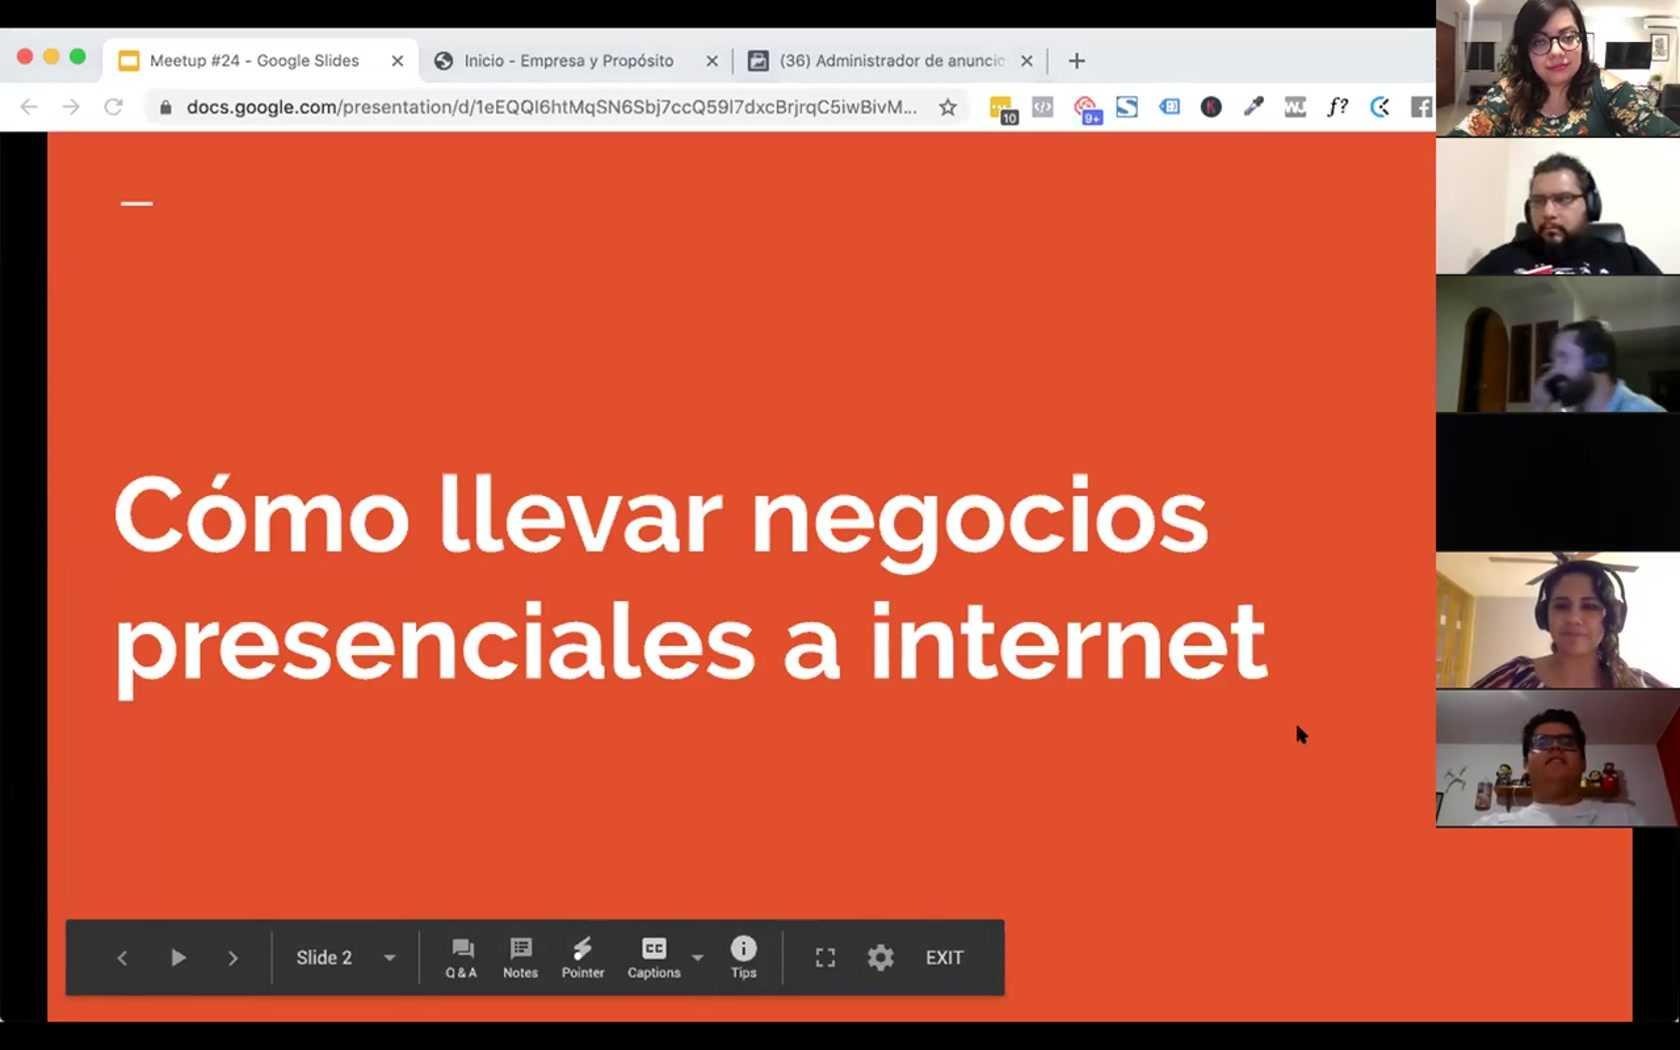 Jean Saldaña, Maryl Gonzalez: Cómo llevar negocios presenciales a internet